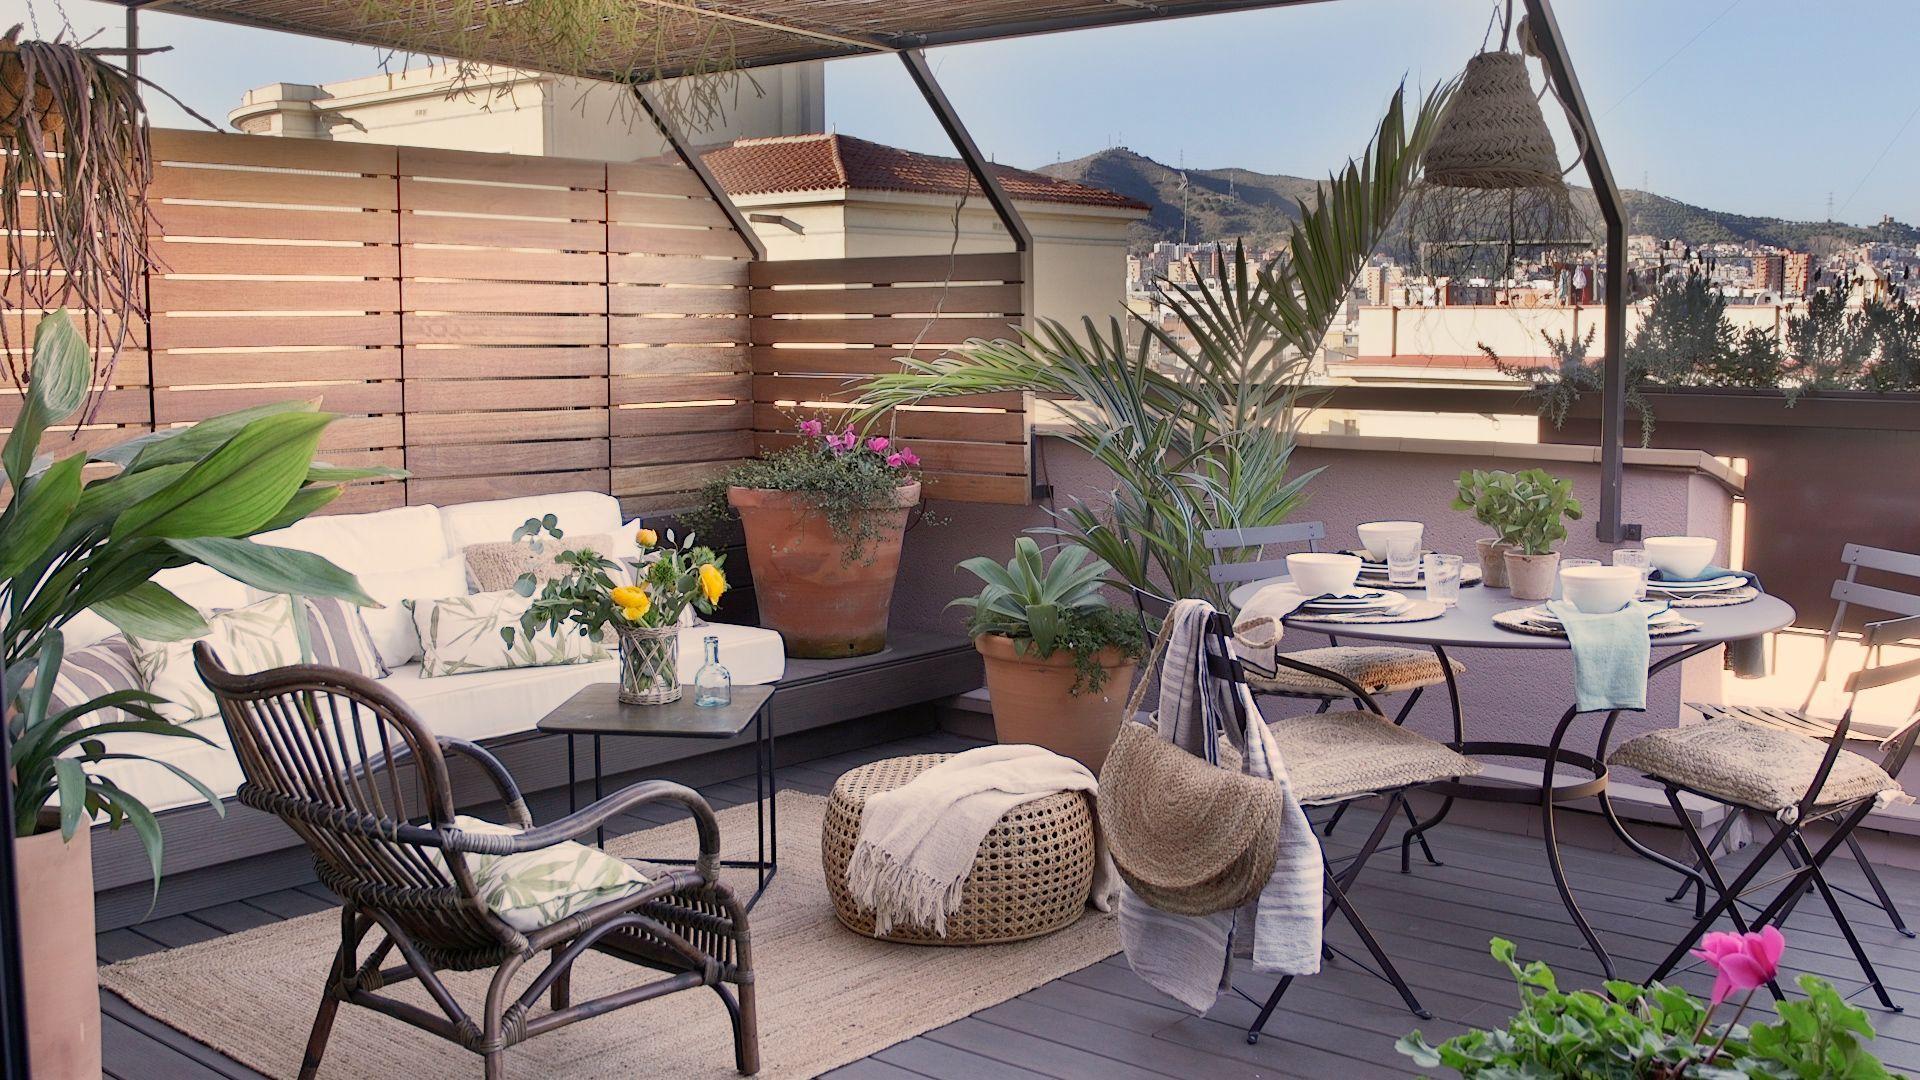 Una Casa De Pueblo Espectacular En El Corazon De Soller Mallorca En 2020 Diseno De Terraza Decoracion De Patio Diseno De Balcon